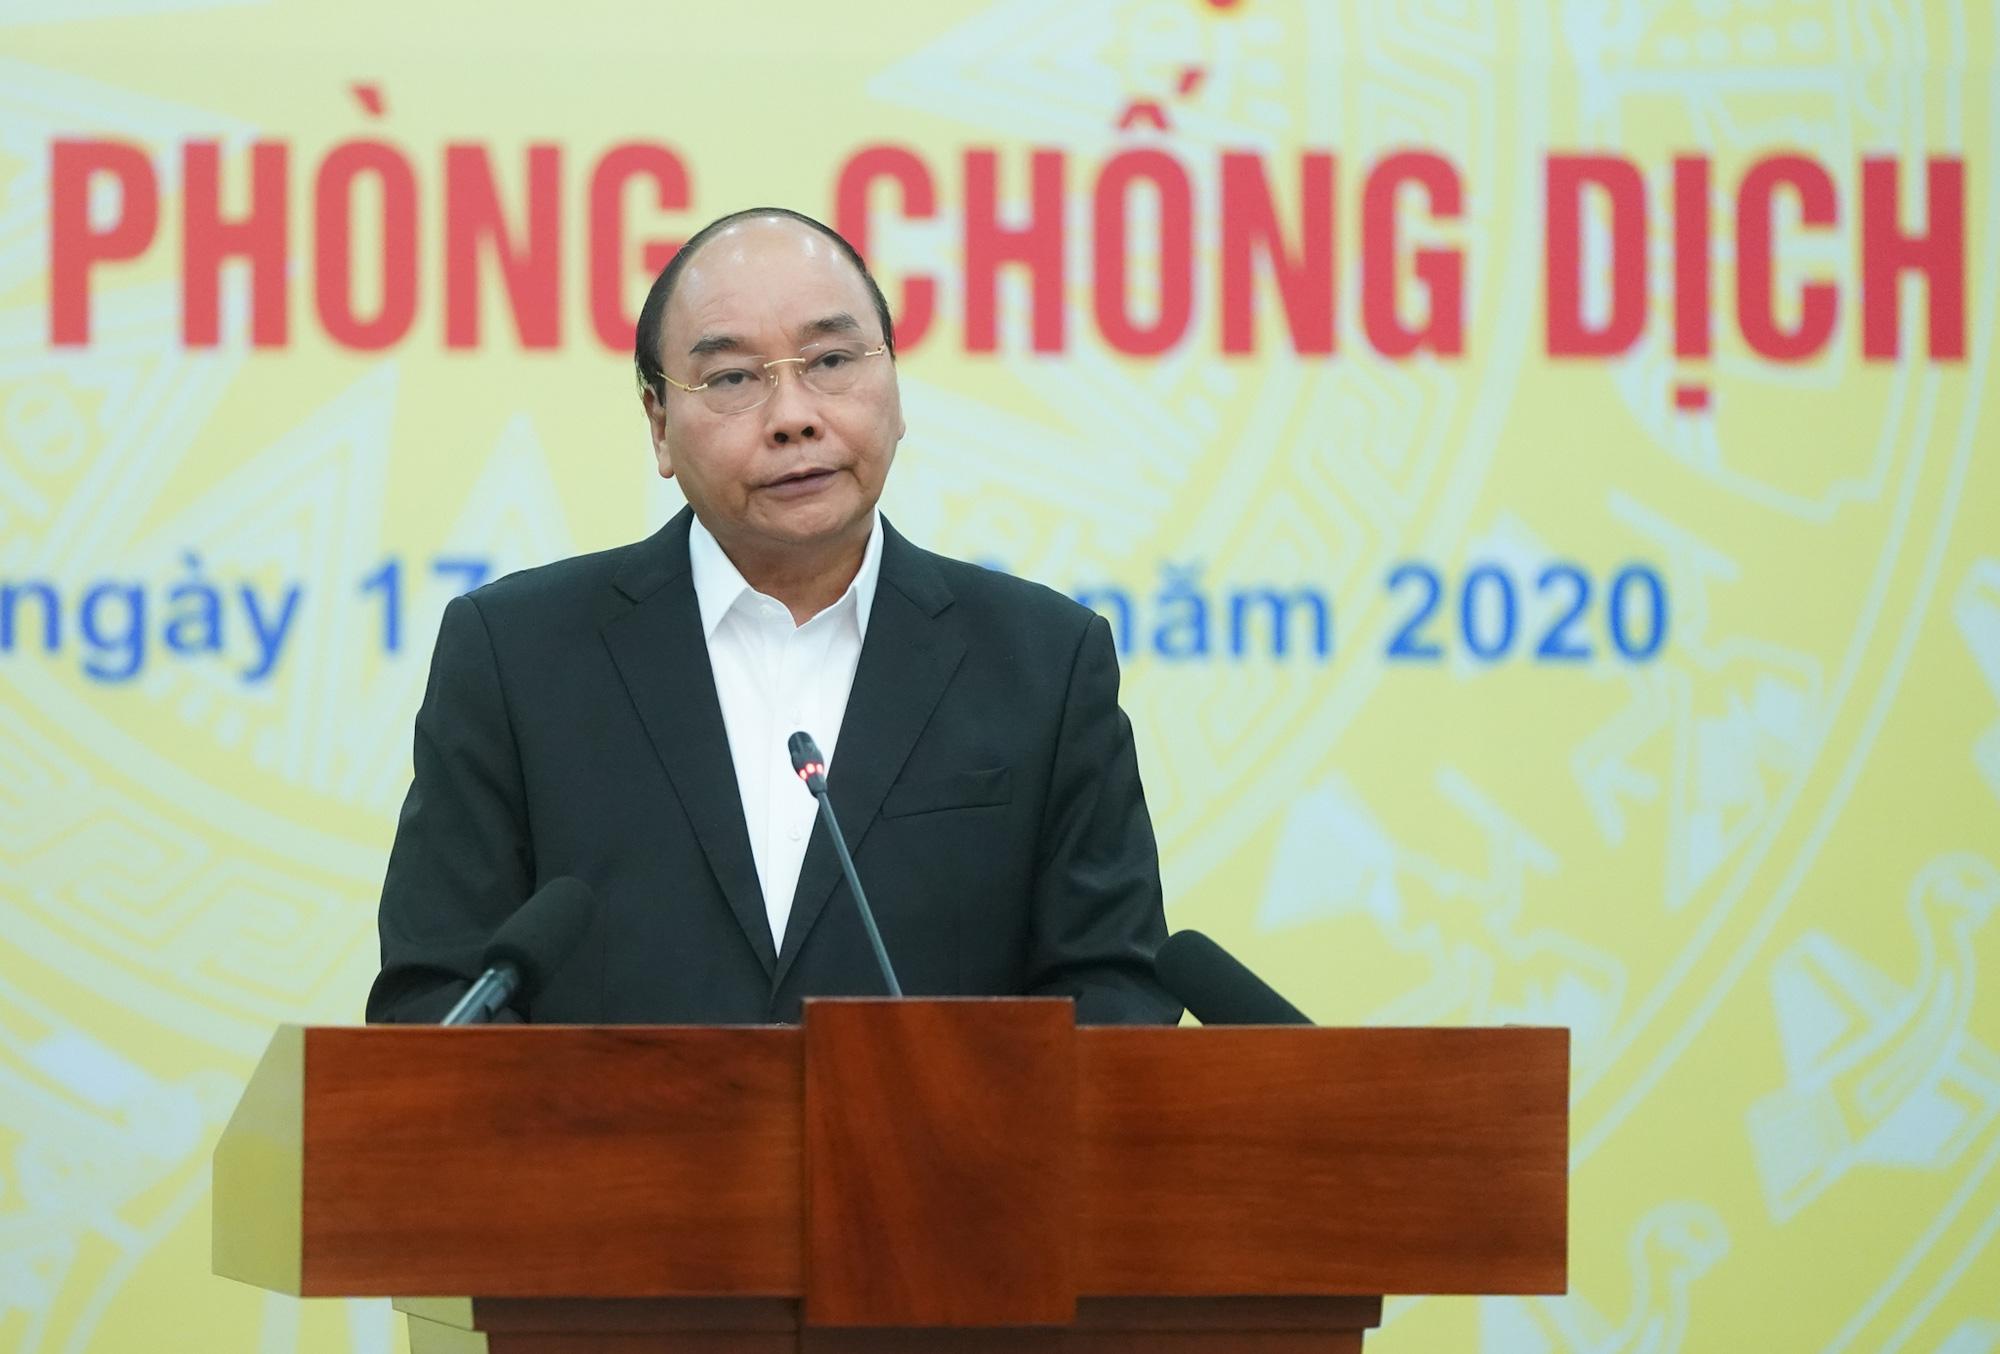 Thủ tướng kêu gọi toàn dân góp sức, tùy khả năng ủng hộ, đóng góp phòng, chống đại dịch Covid-19 - Ảnh 1.